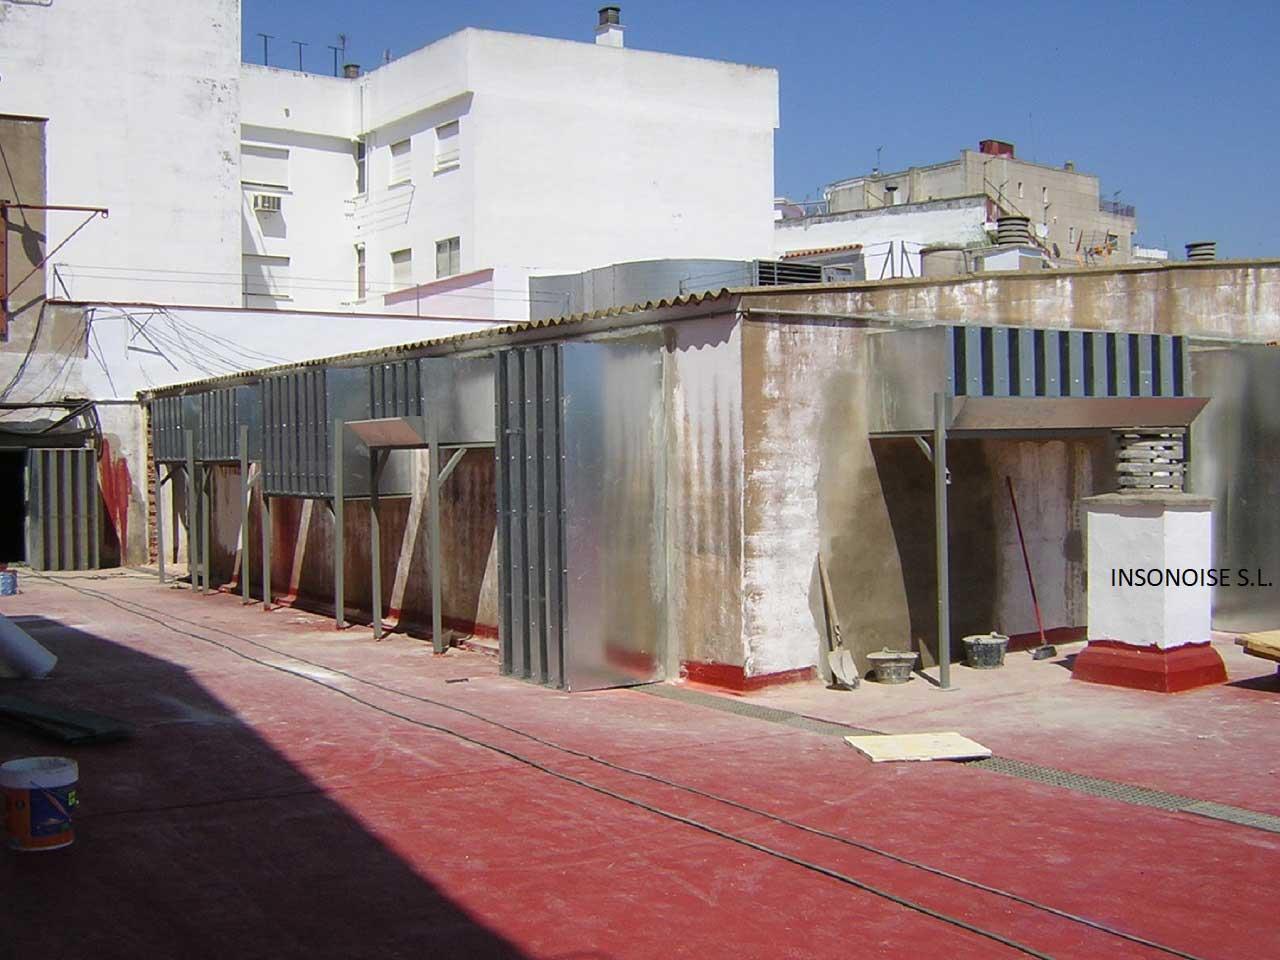 Instalación de silenciadores acústicos en Huelva